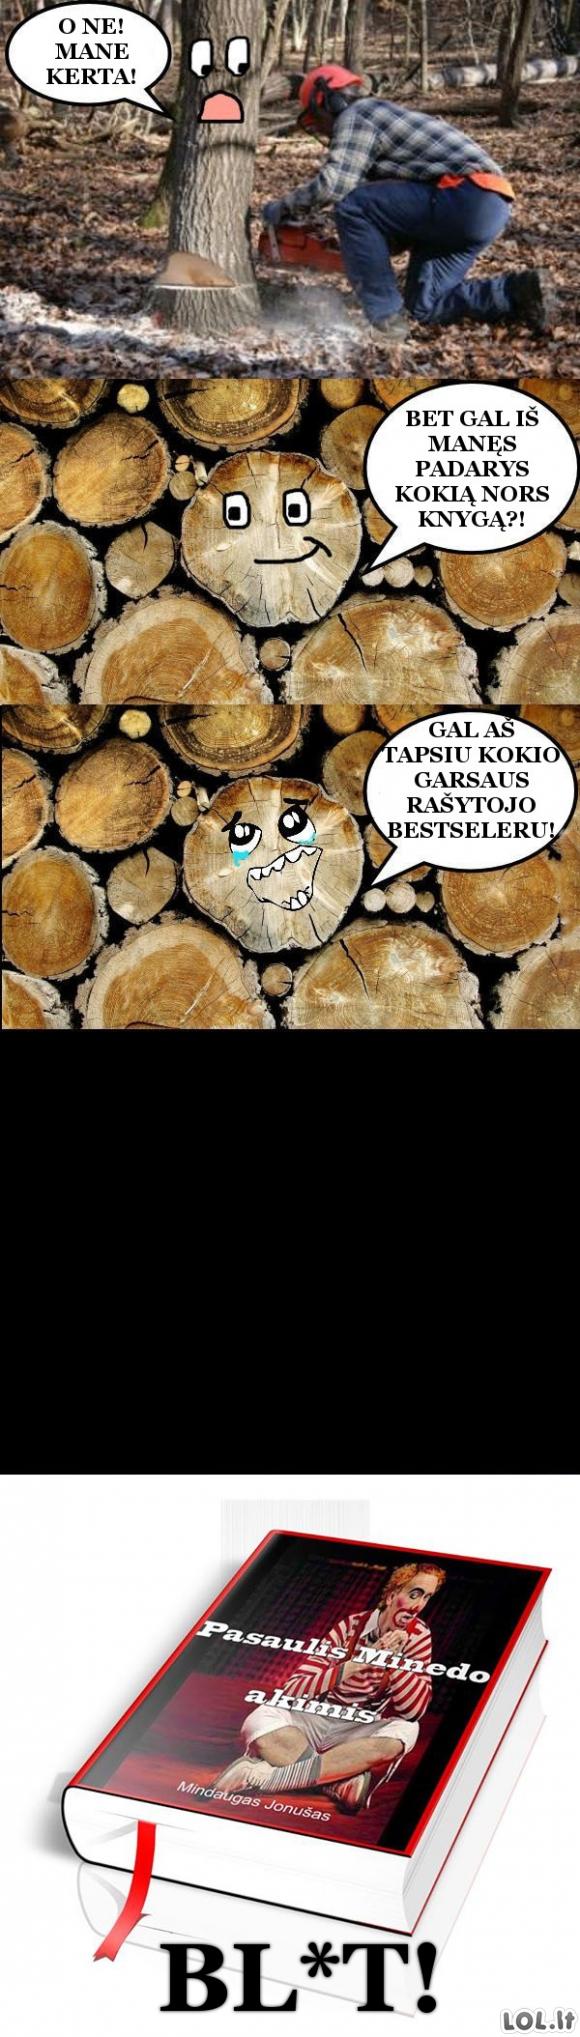 Kiekvieno medžio didžiausias košmaras